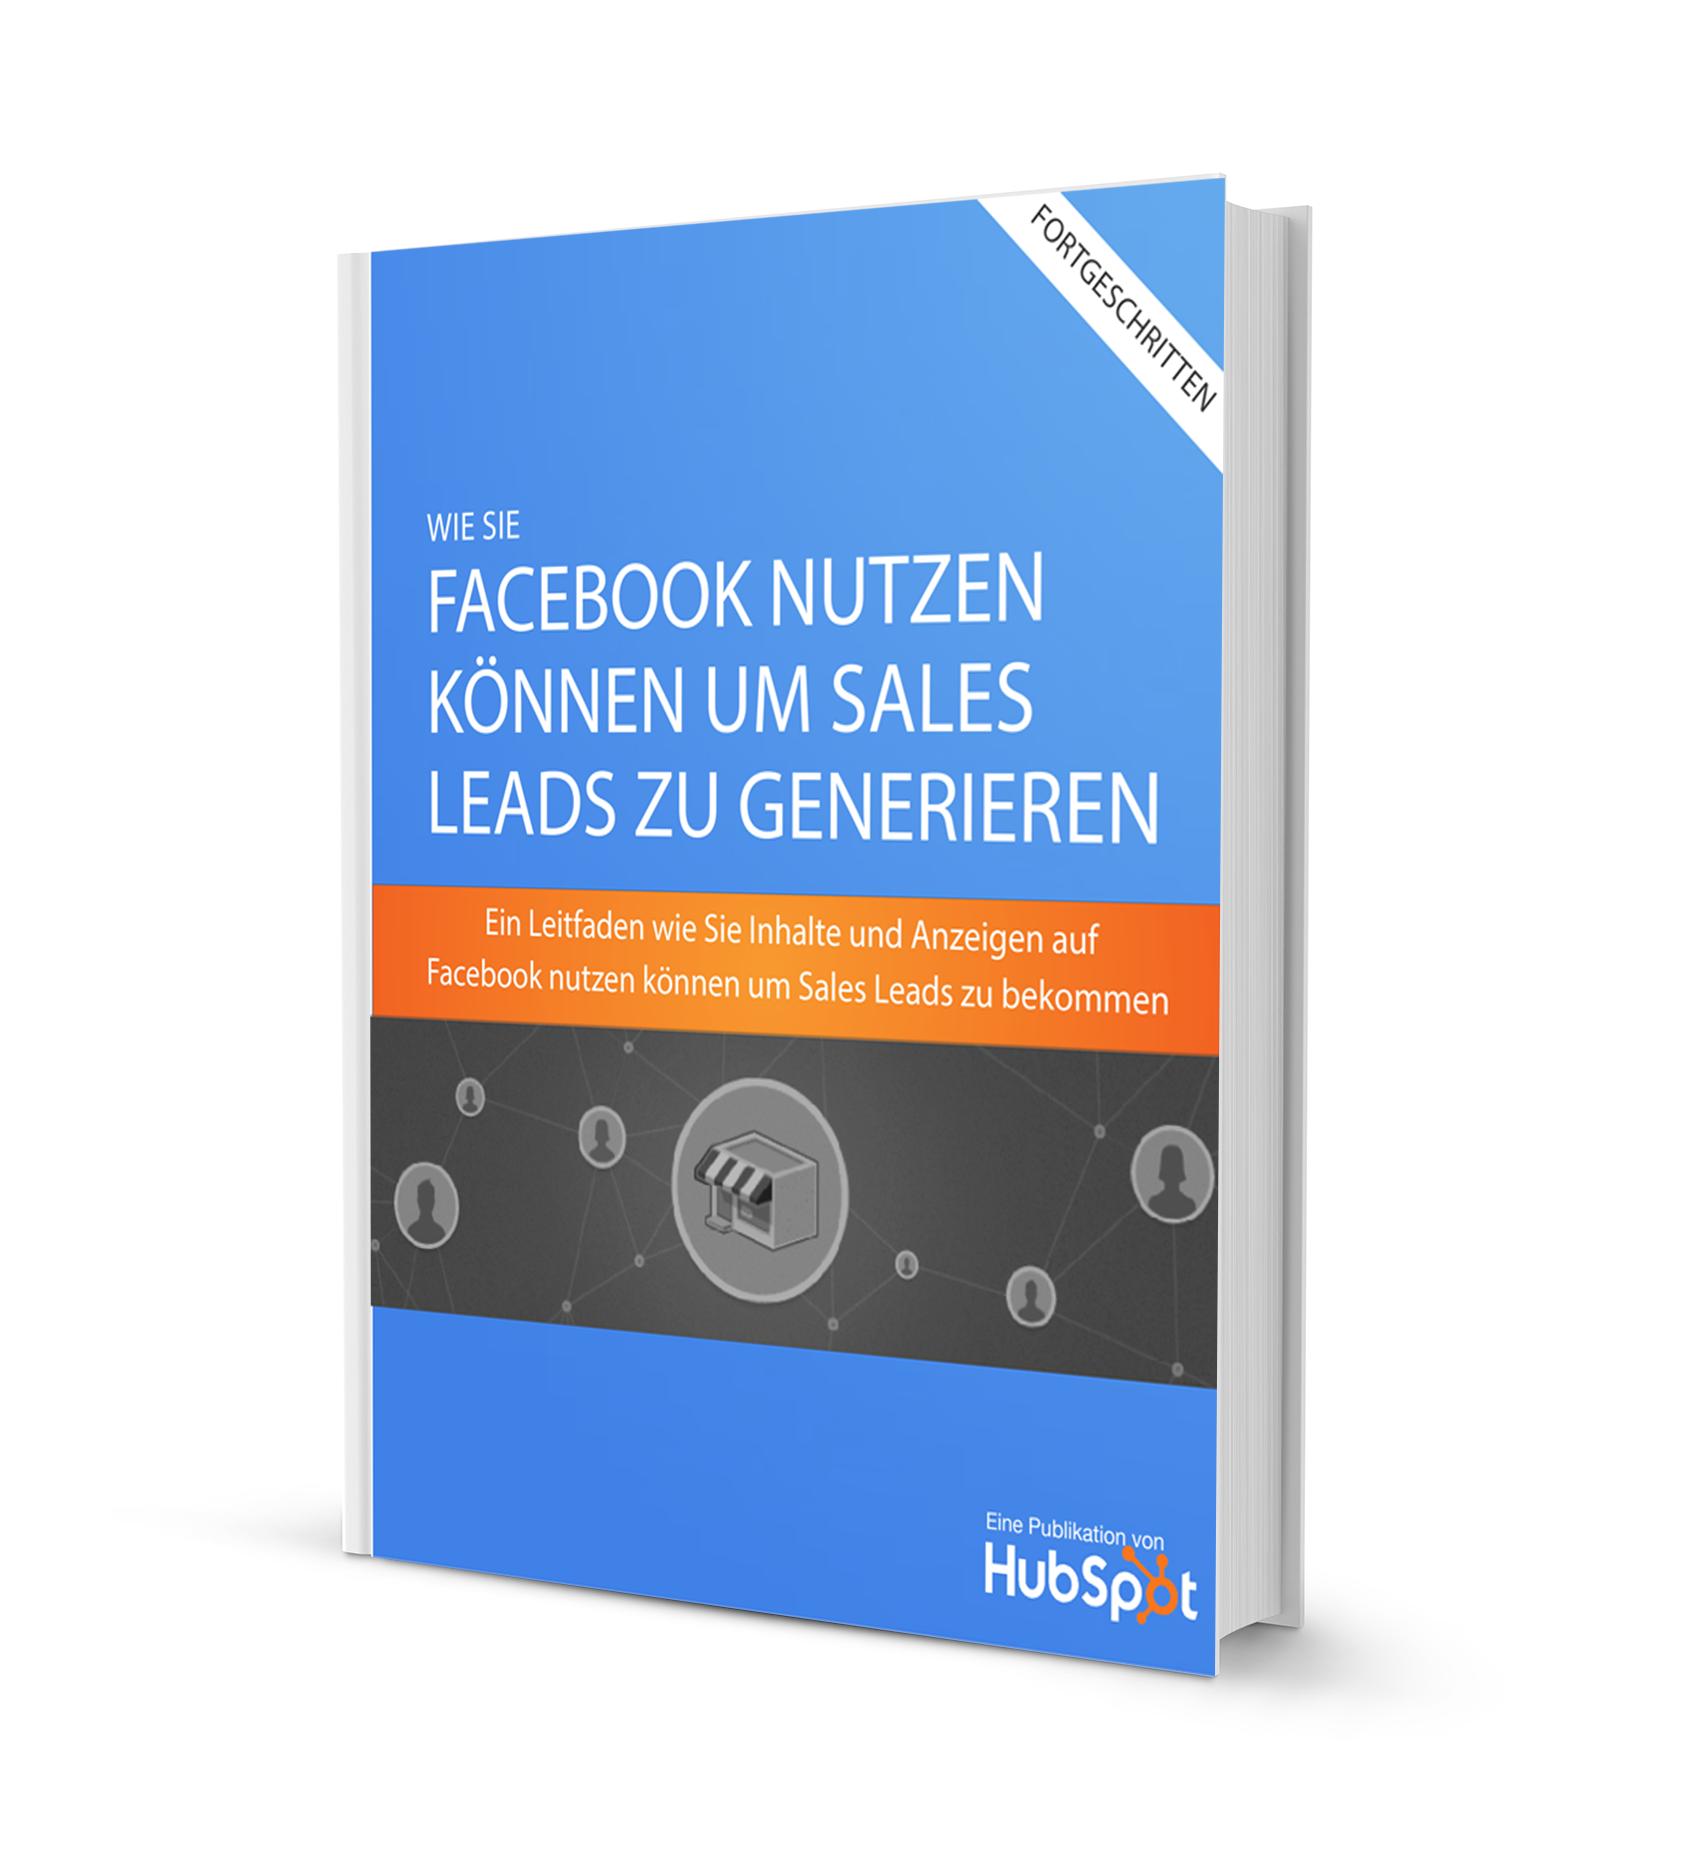 Wie Sie Facebook nutzen können, um Sales Leads zu generieren